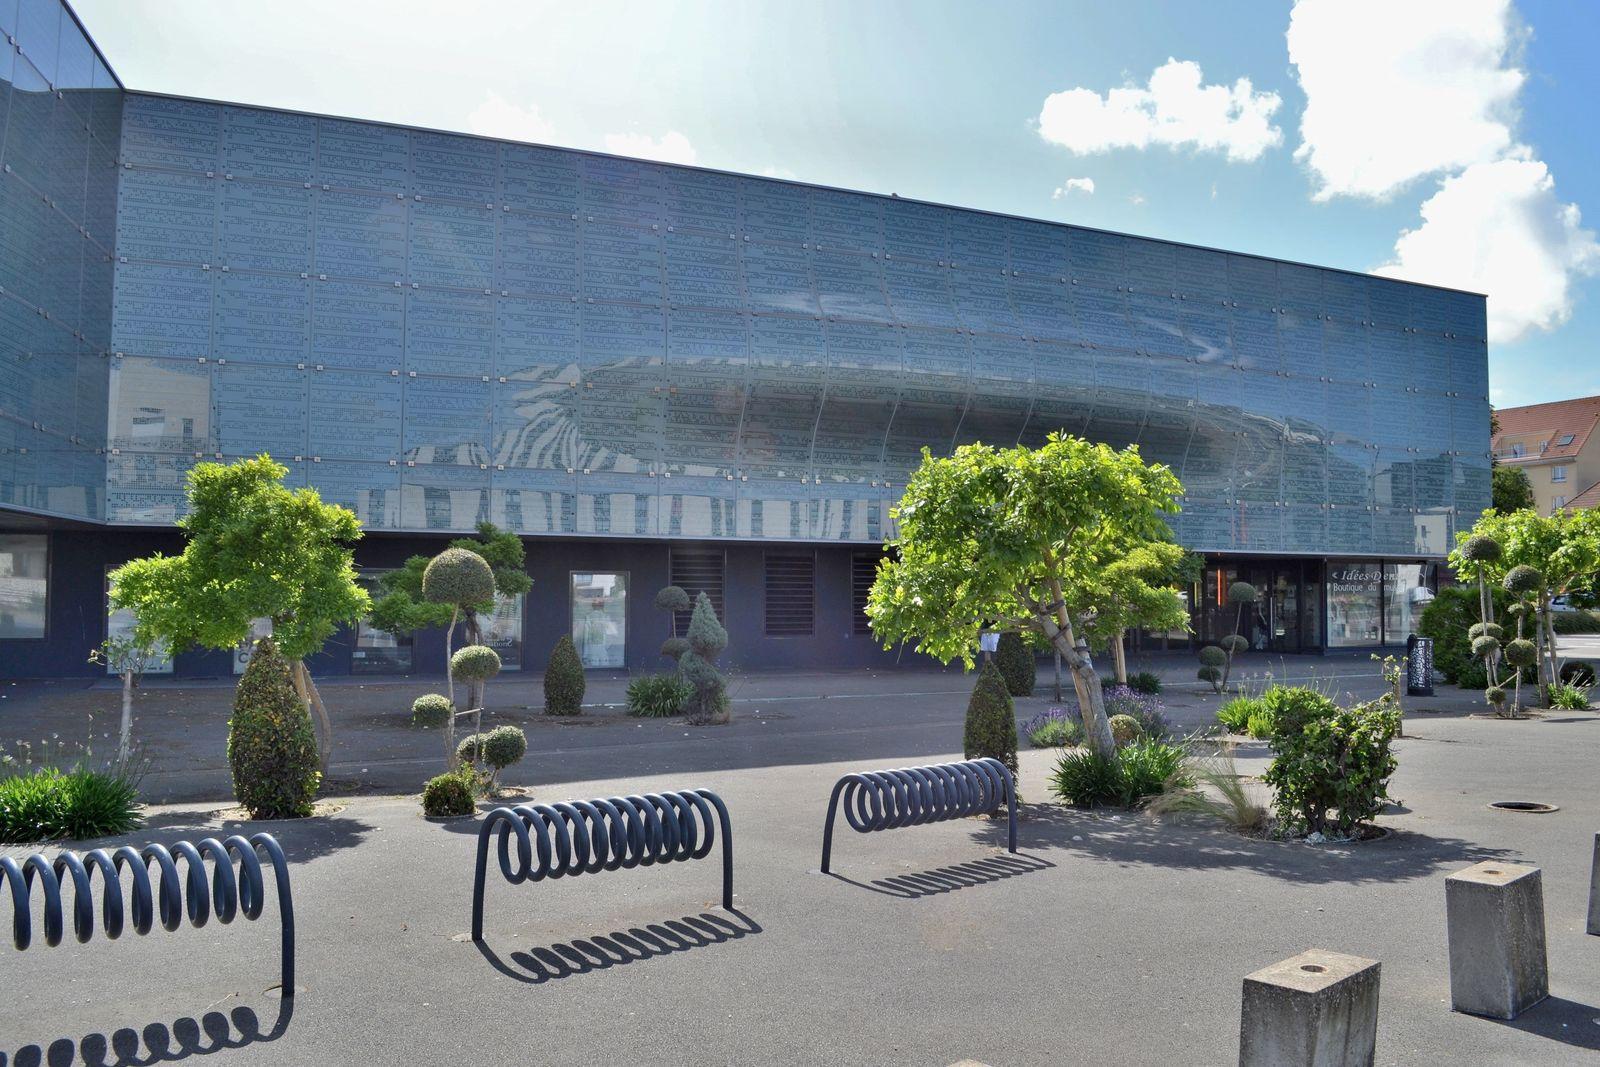 Le premier niveau du musée relate l'histoire de la dentelle, depuis sa création où elle n'était que manuelle, jusqu'à sa mécanisation au 19ème siècle.